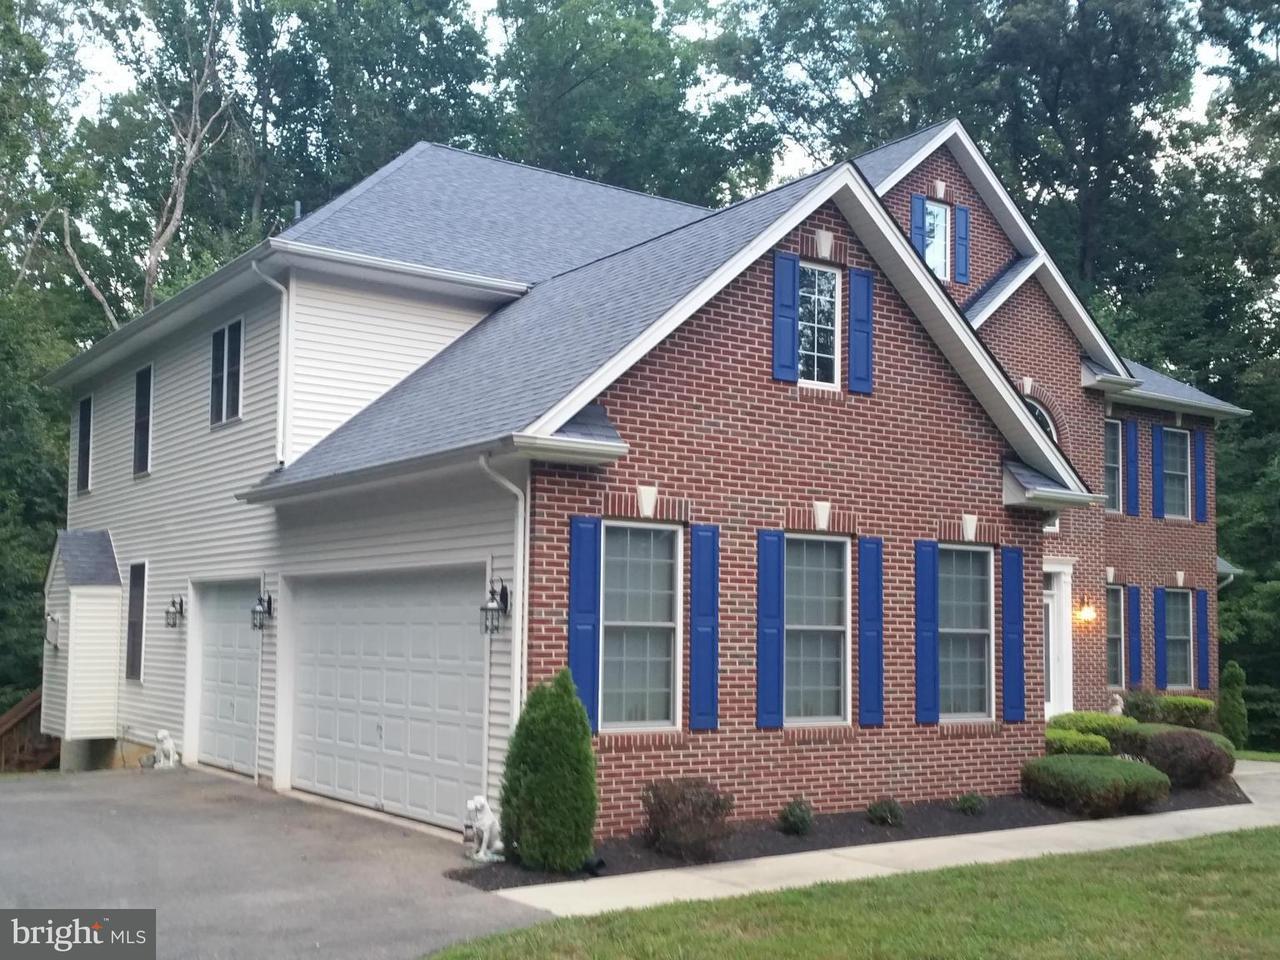 一戸建て のために 売買 アット 4048 Hanson Road 4048 Hanson Road White Plains, メリーランド 20695 アメリカ合衆国